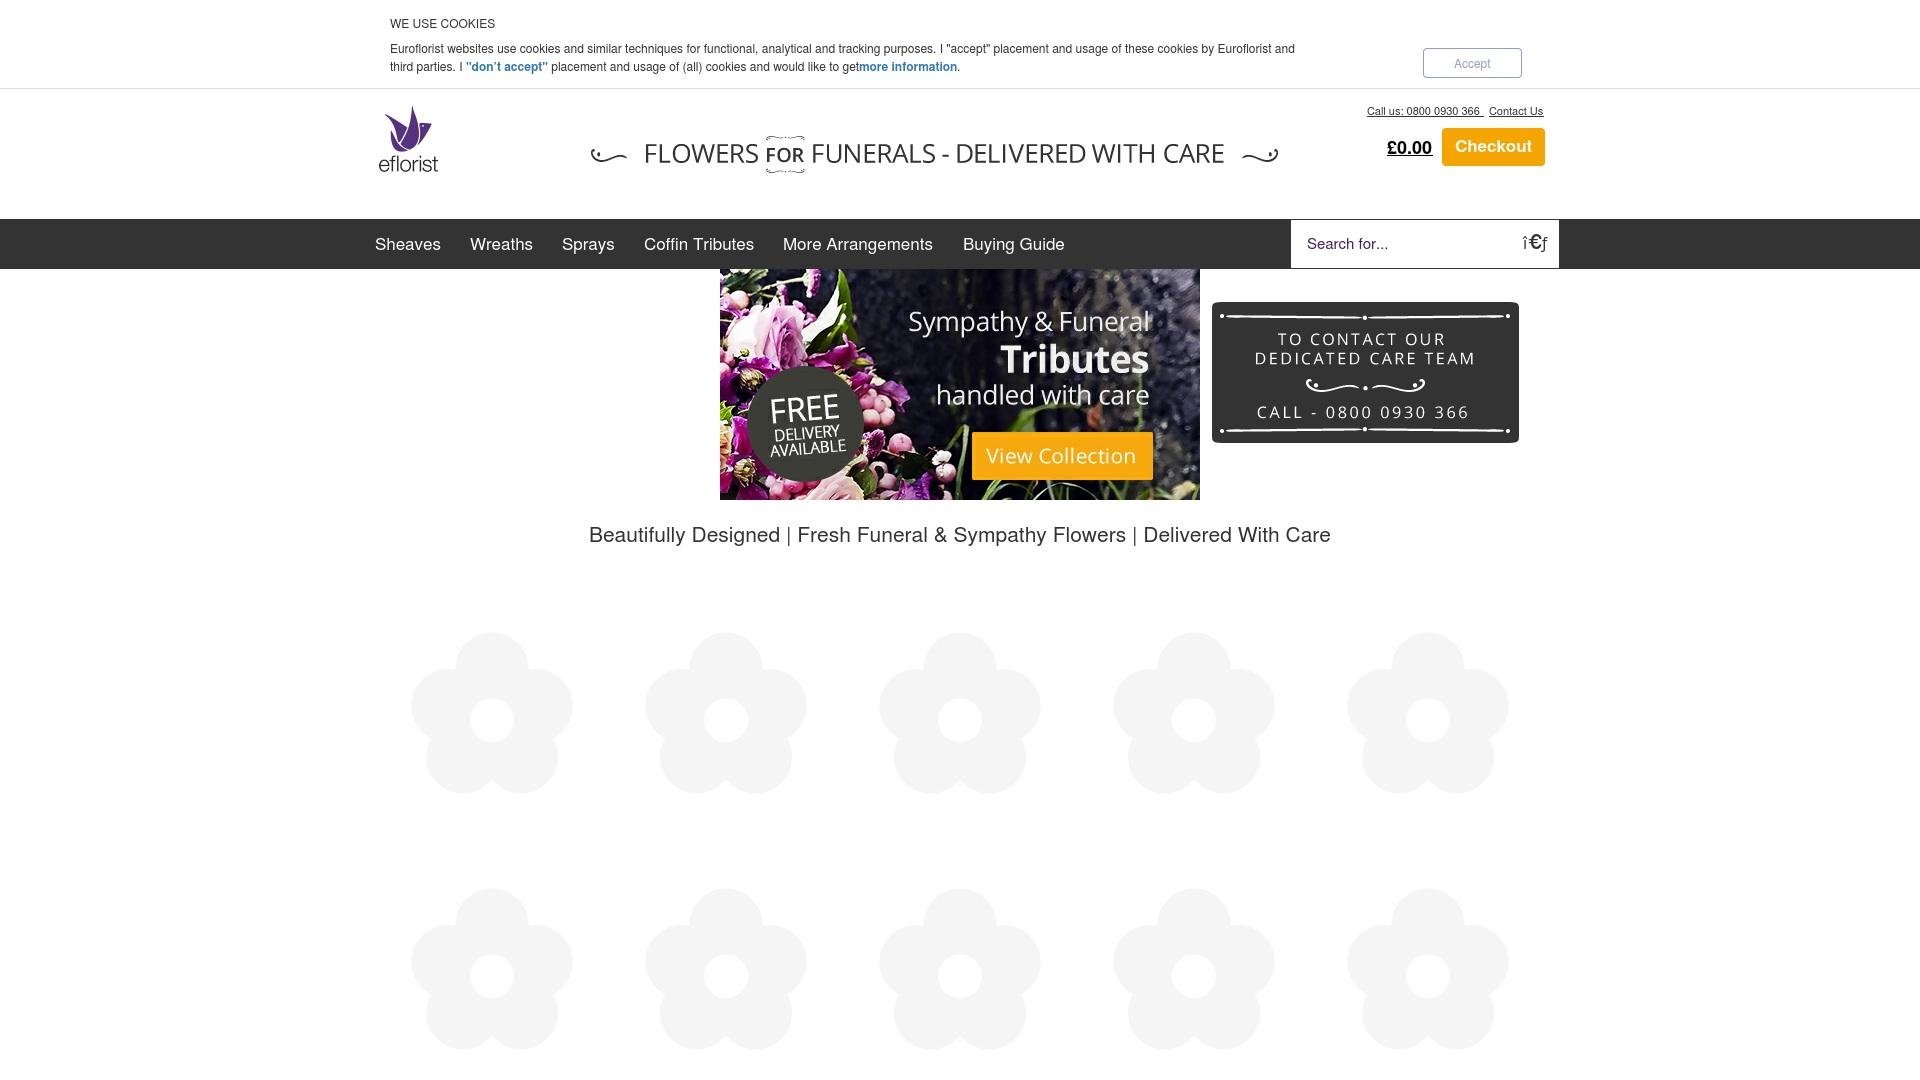 Gutschein für Flowersforfunerals: Rabatte für  Flowersforfunerals sichern